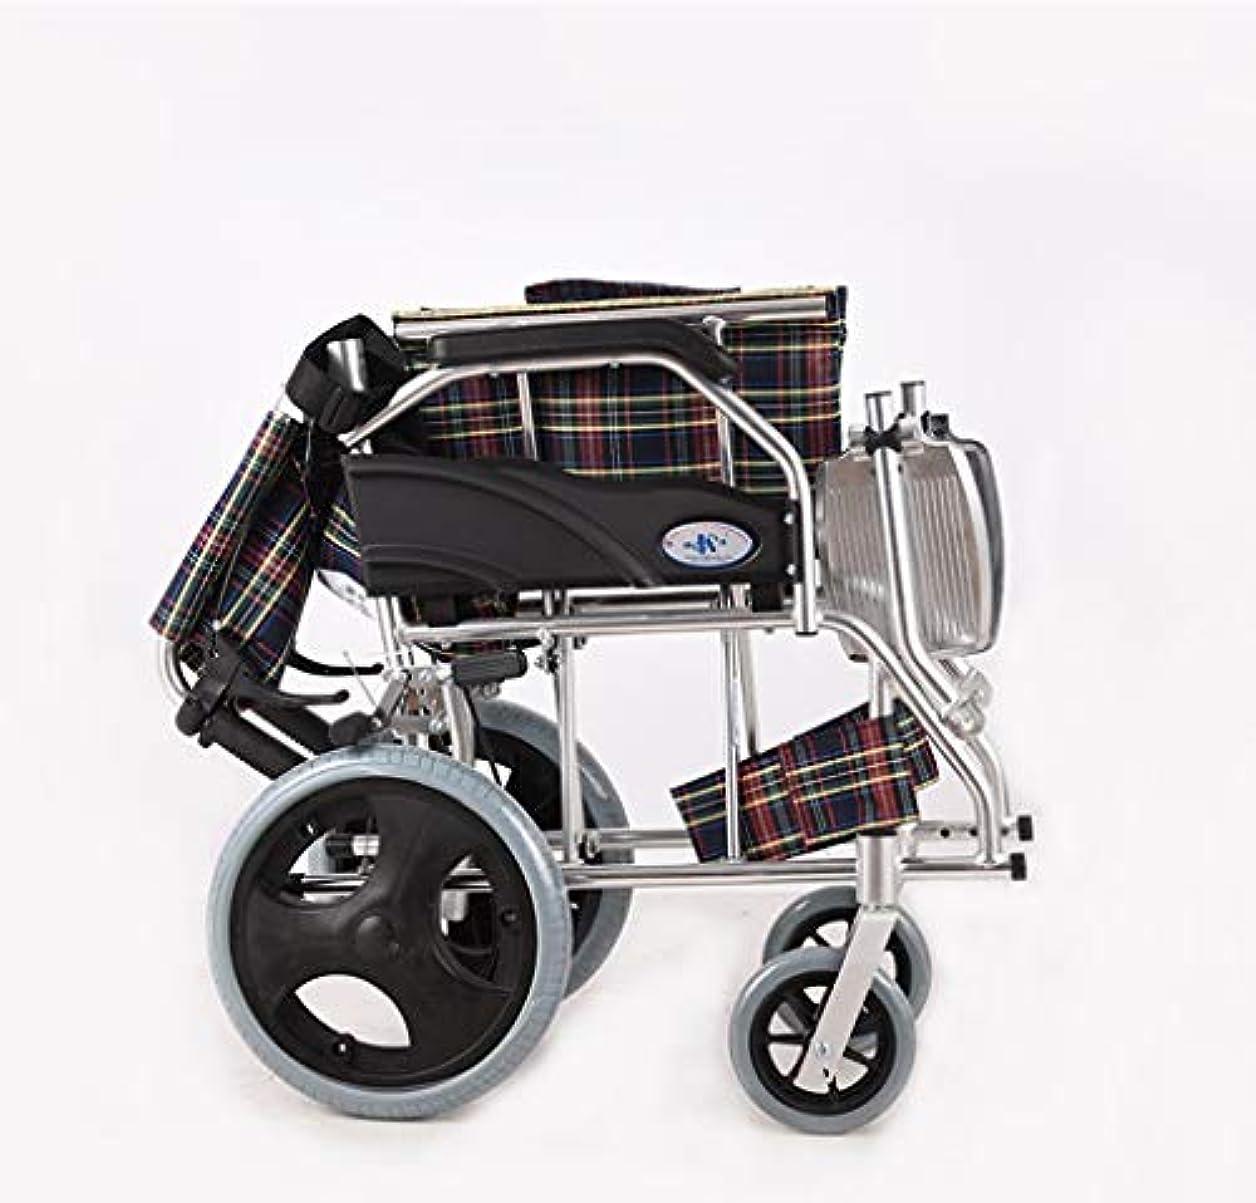 電気陽性哲学者つまずく車椅子折りたたみ式、障害者用スクーター、高齢者屋外旅行車椅子トロリー